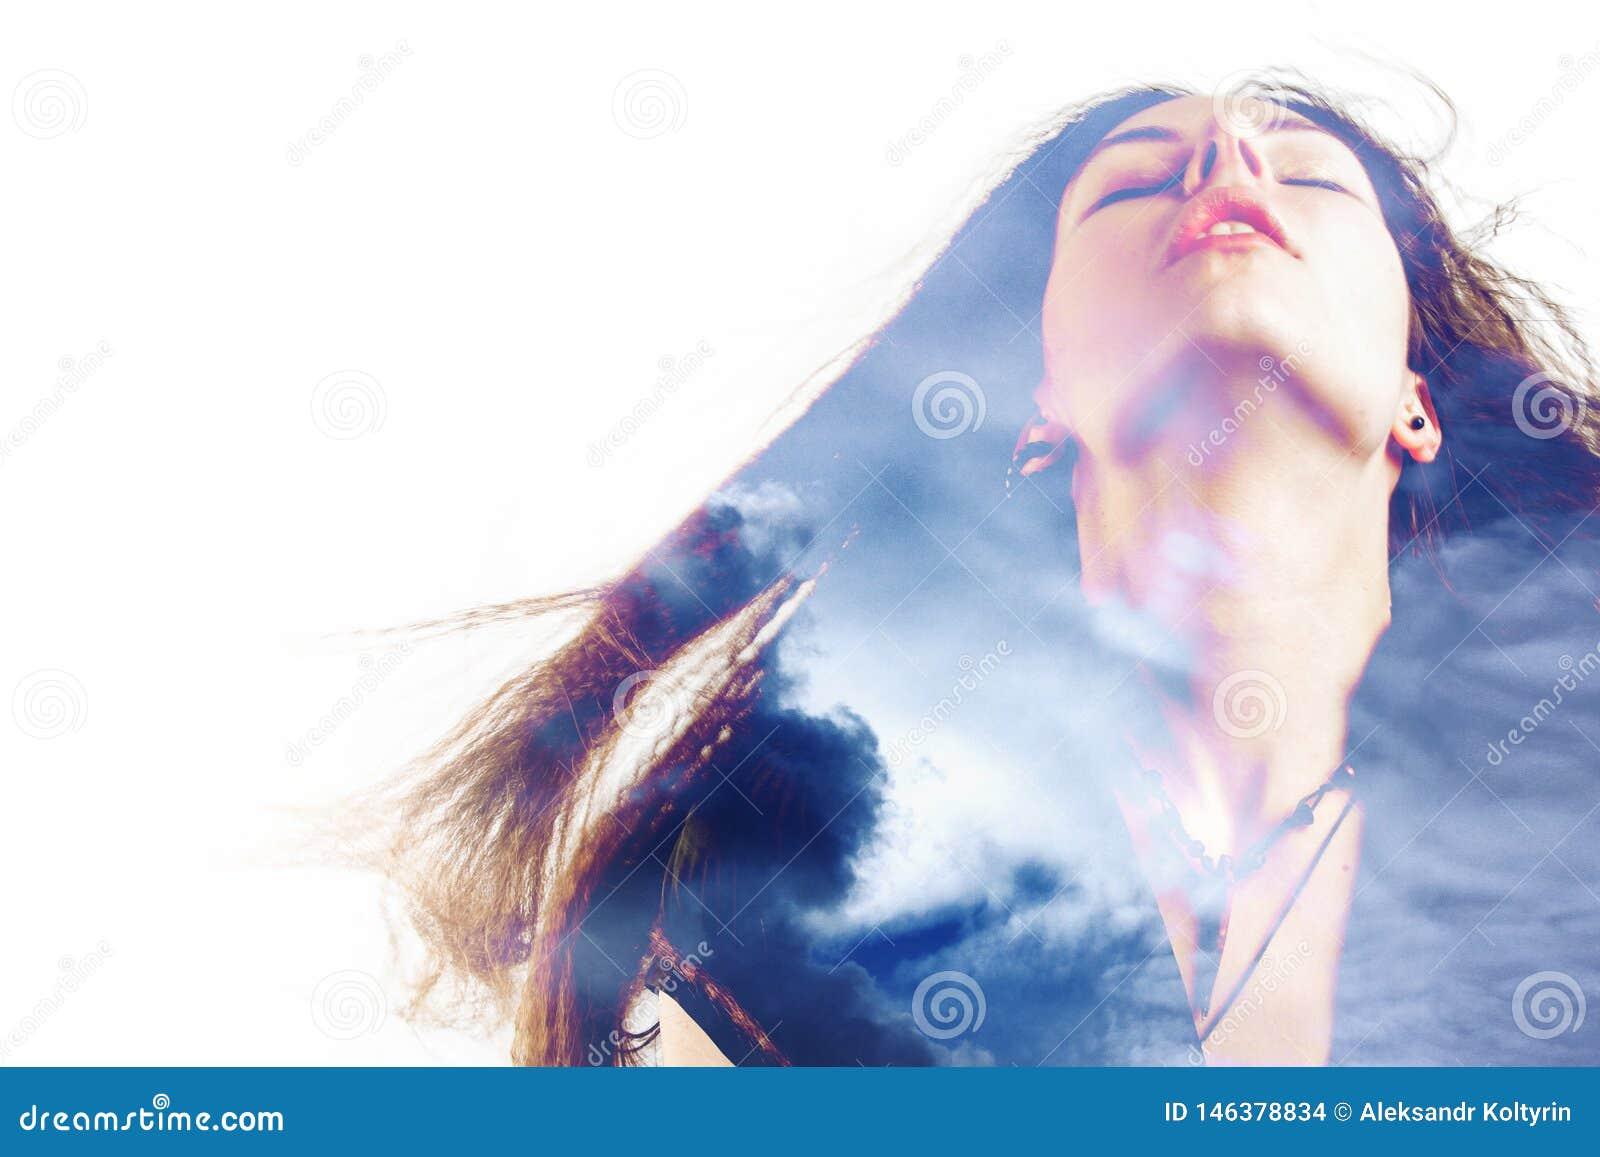 Портрет молодой привлекательной женщины и облаков в небе, двойной экспозиции Мечты и душа,